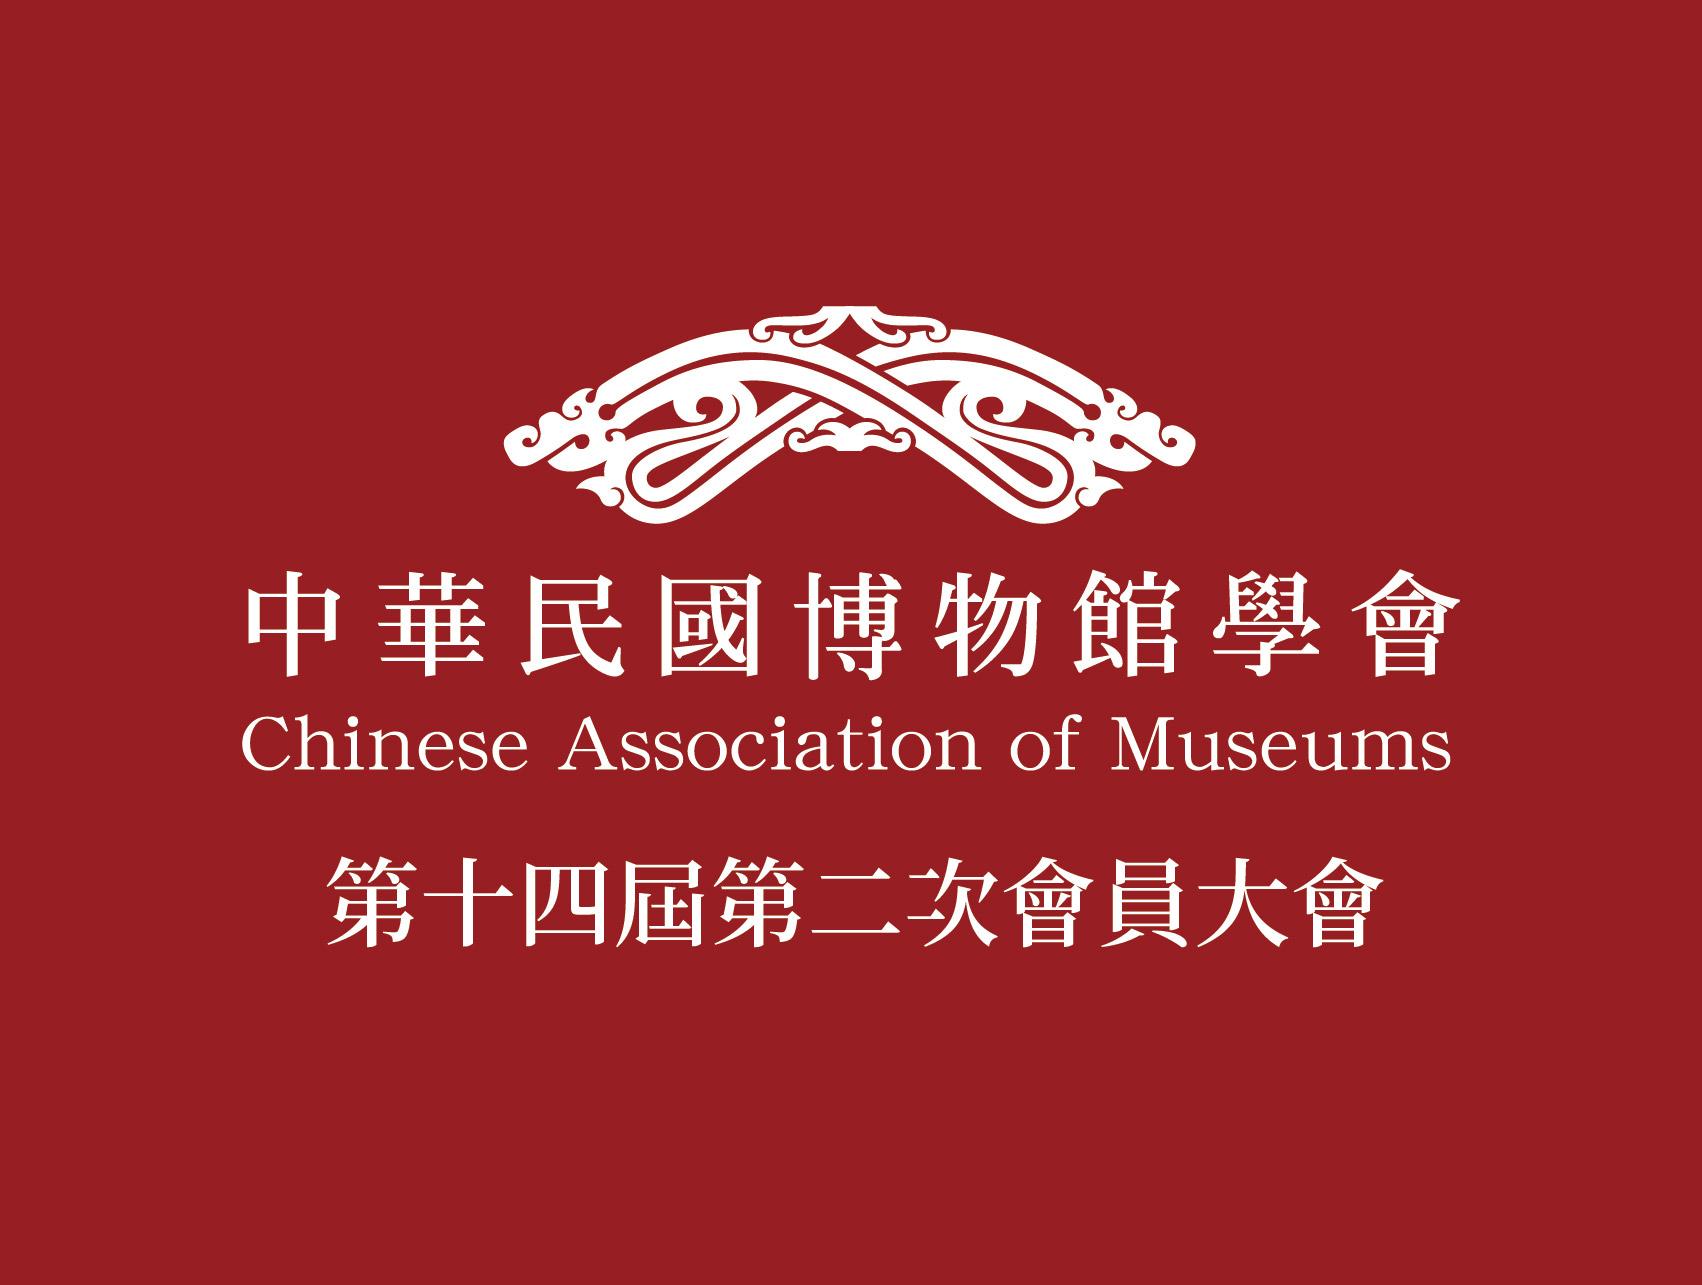 【中華民國博物館學會】108/01/13第十四屆第二次會員大會